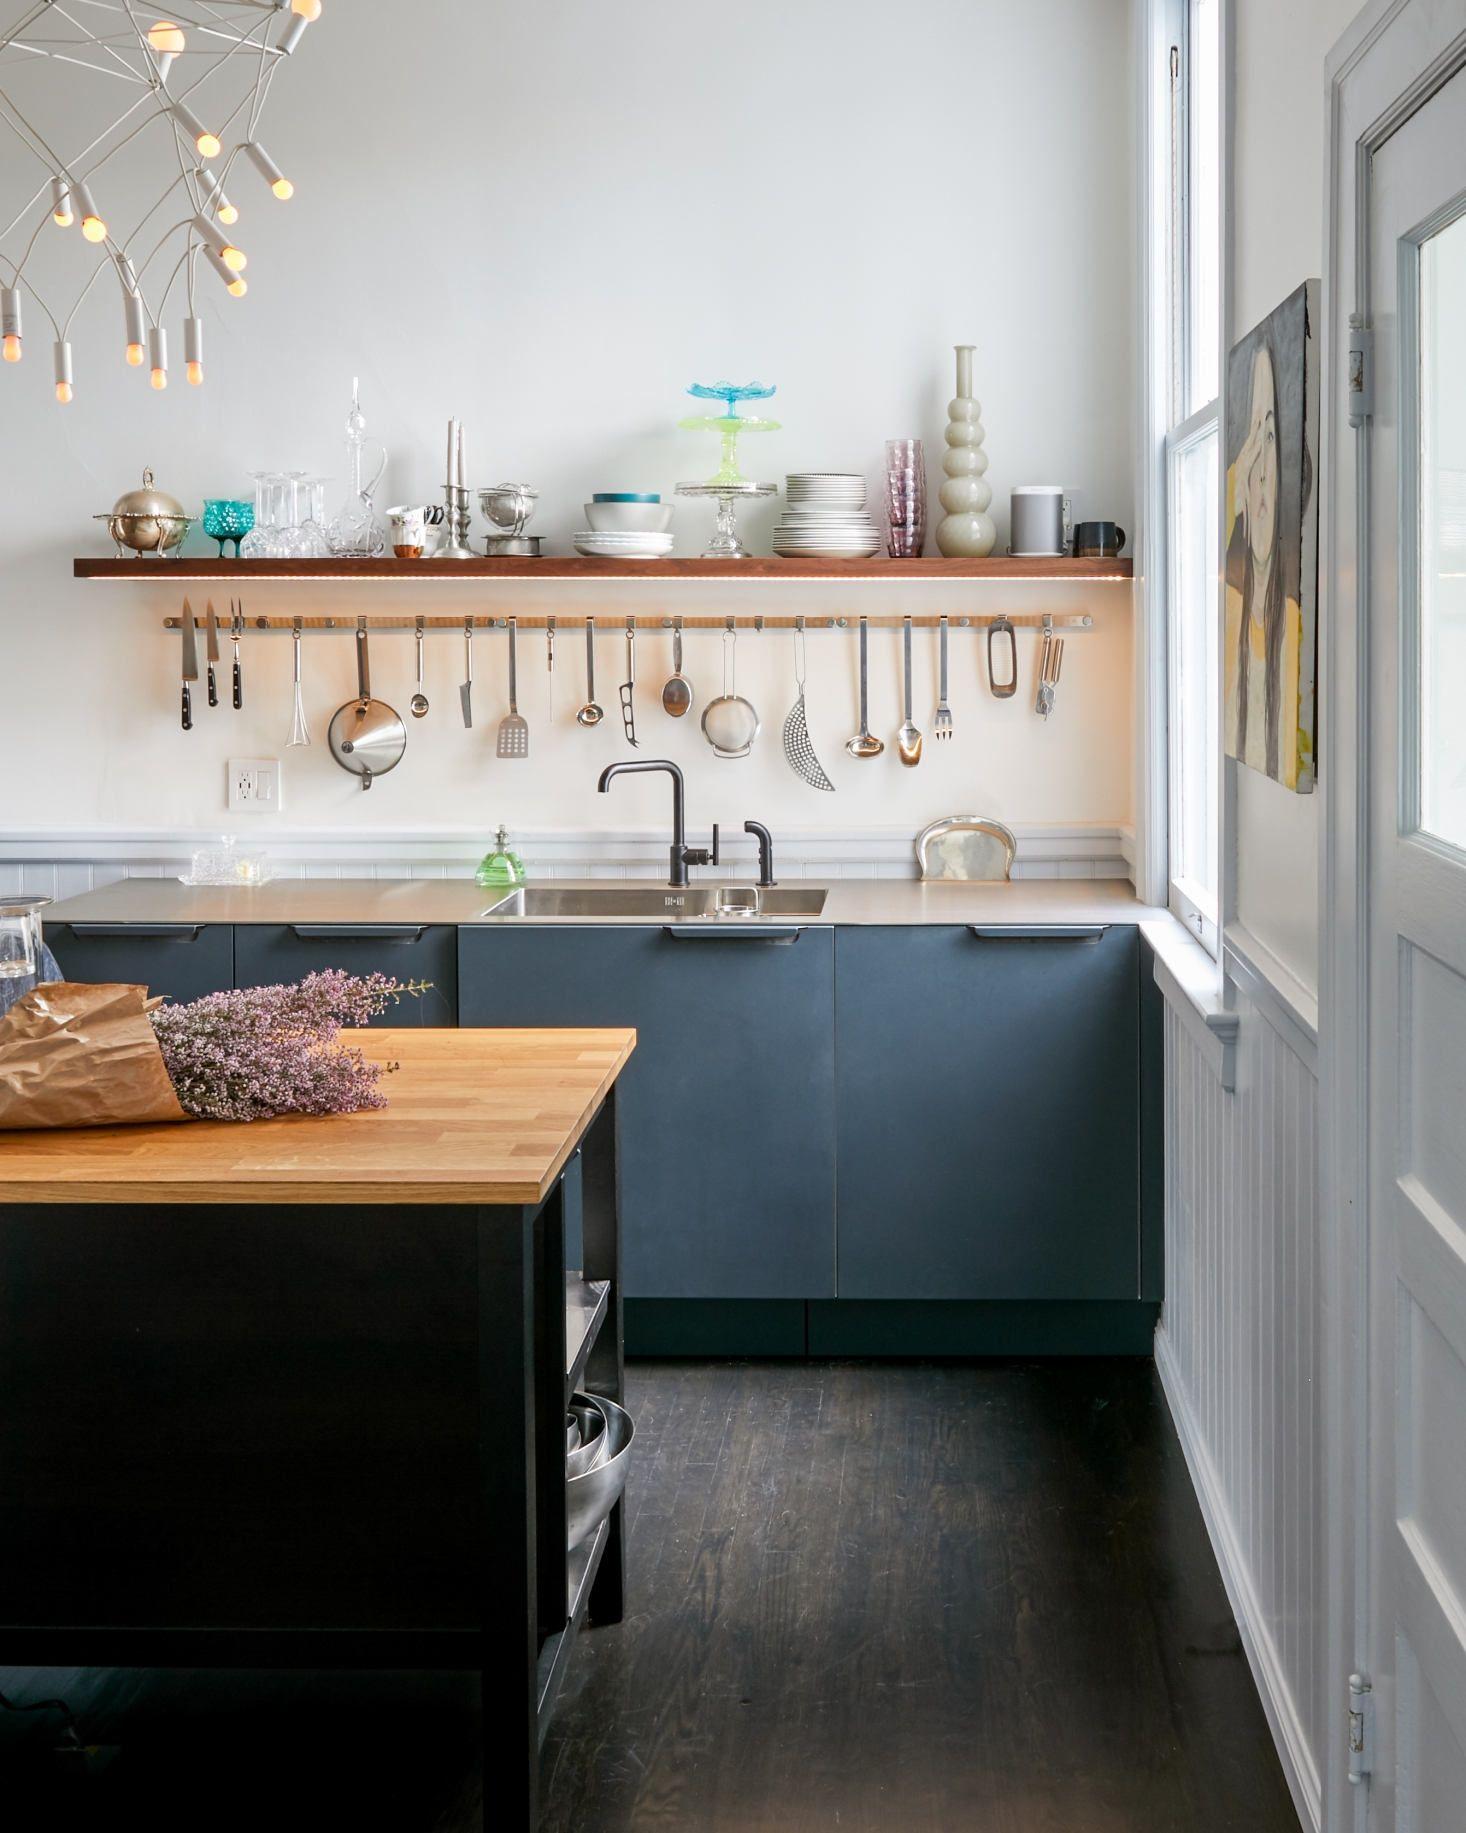 Küchenschränke basis pin von sabrina s auf küche  pinterest  neue wohnung neue wege